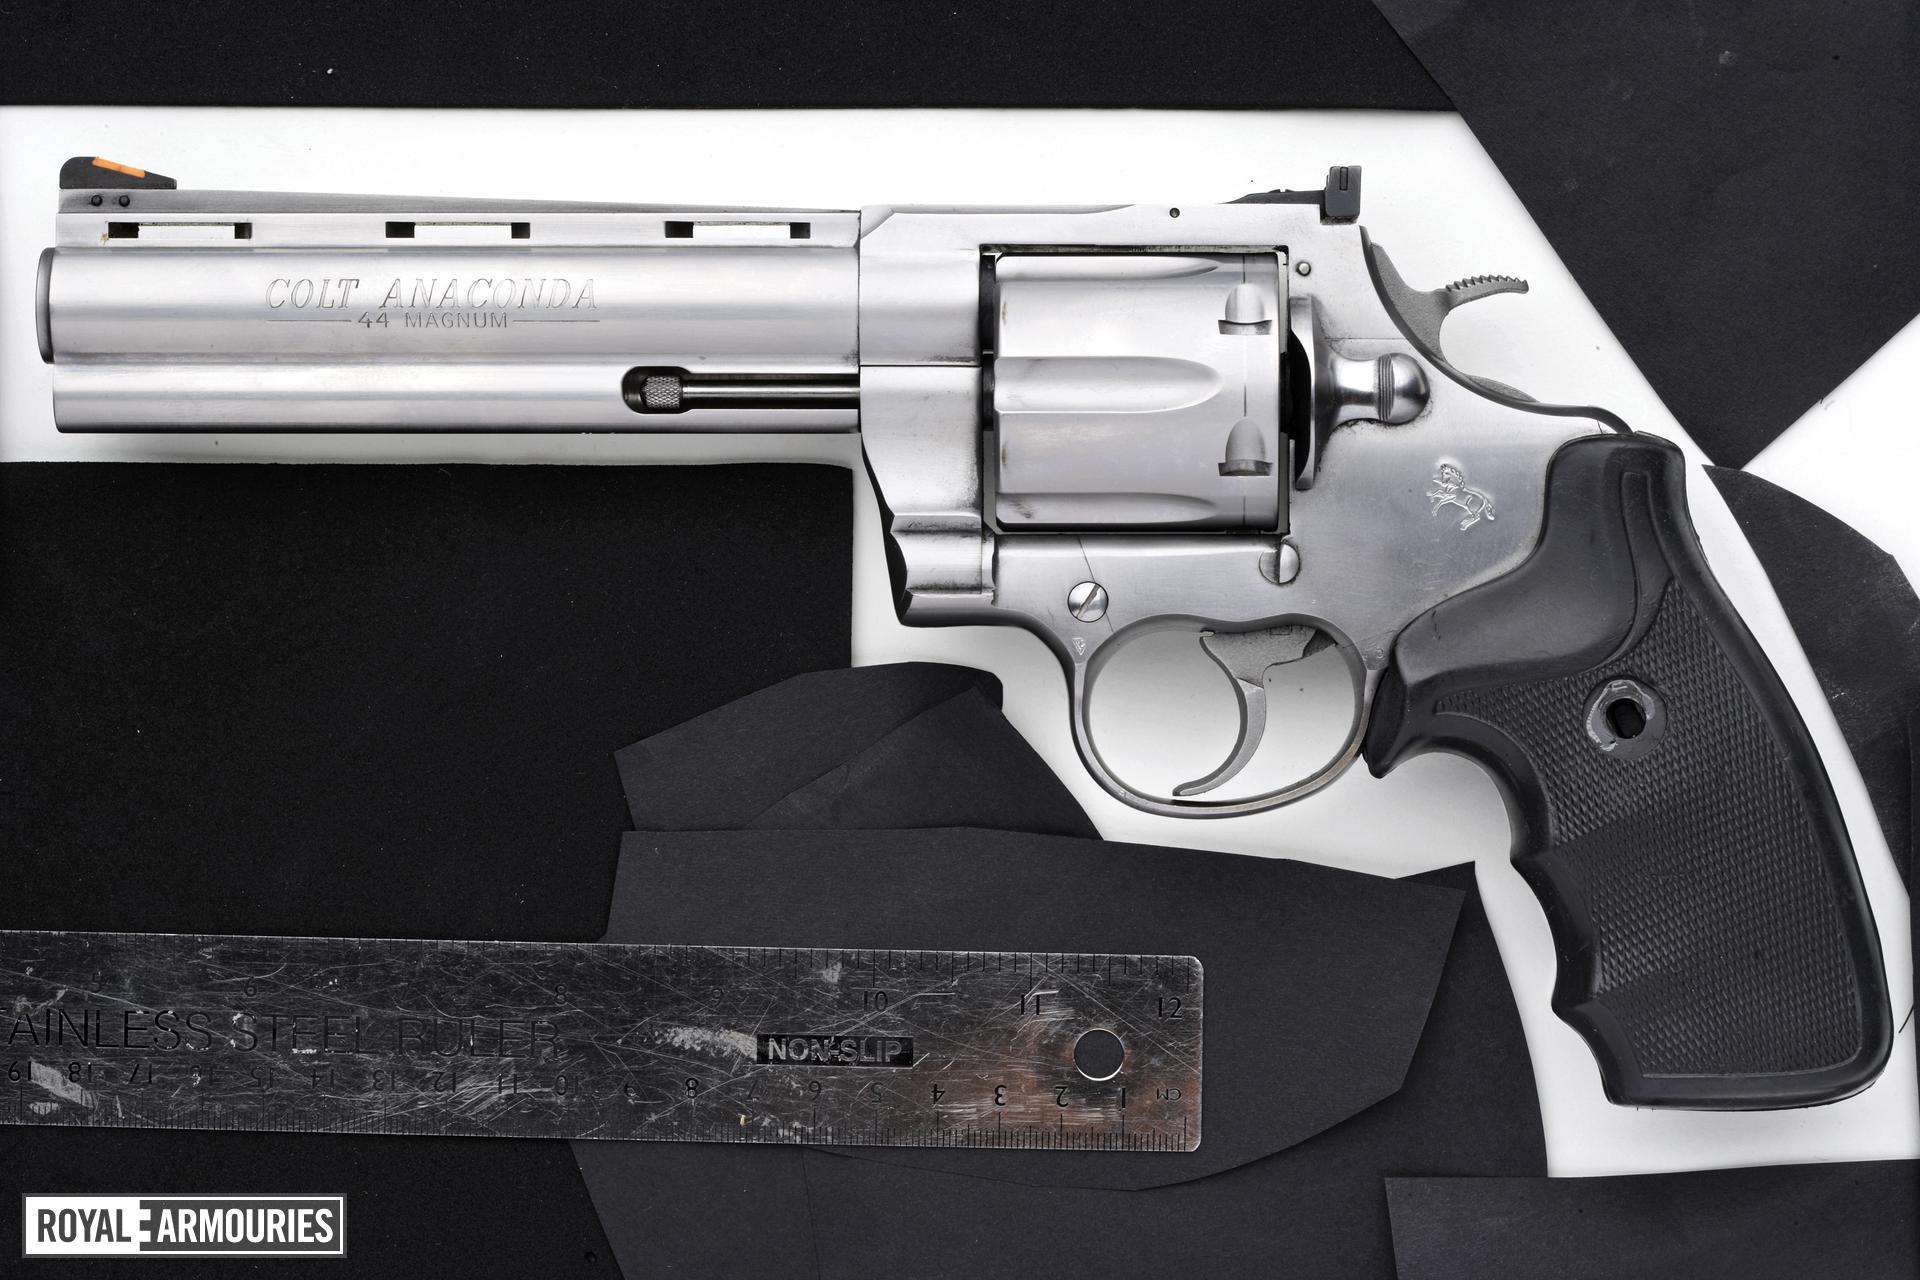 Centrefire six-shot revolver - Colt Anaconda